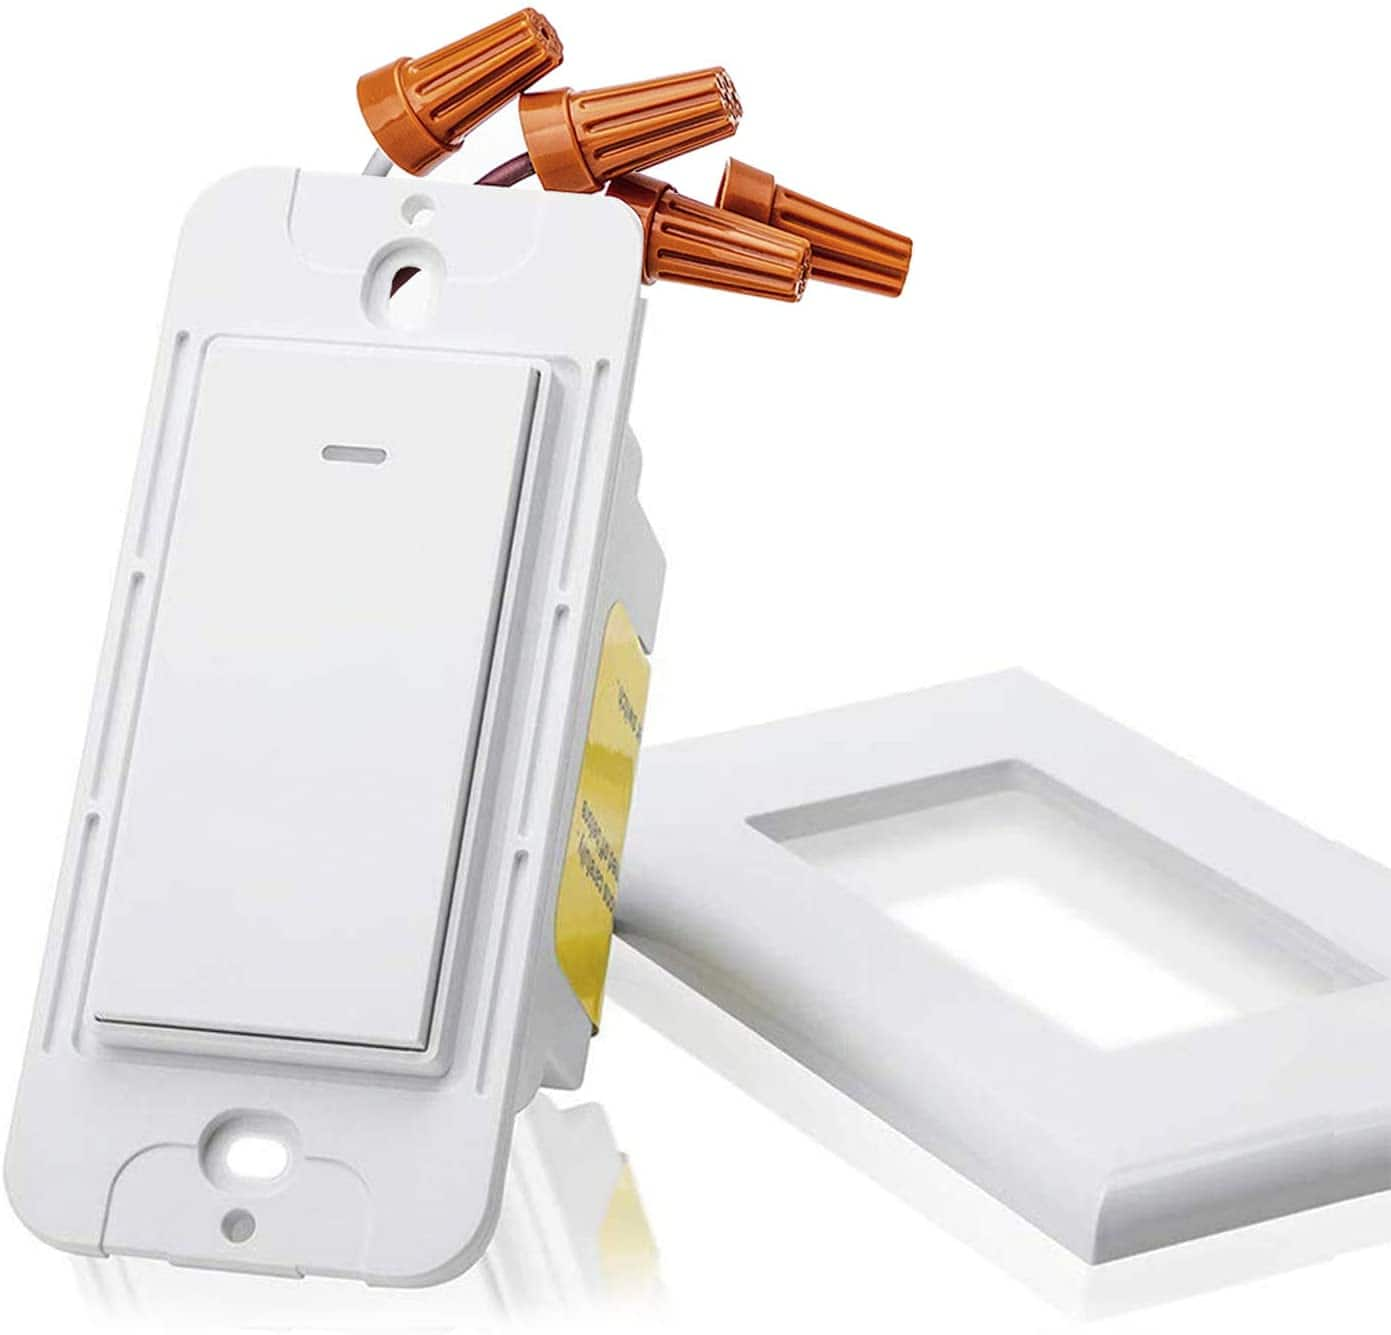 Meross Smart 3 Way Light Switch, Outdoor Smart Plug, or Smart Garage Door Opener Remote - Starting From $15.99